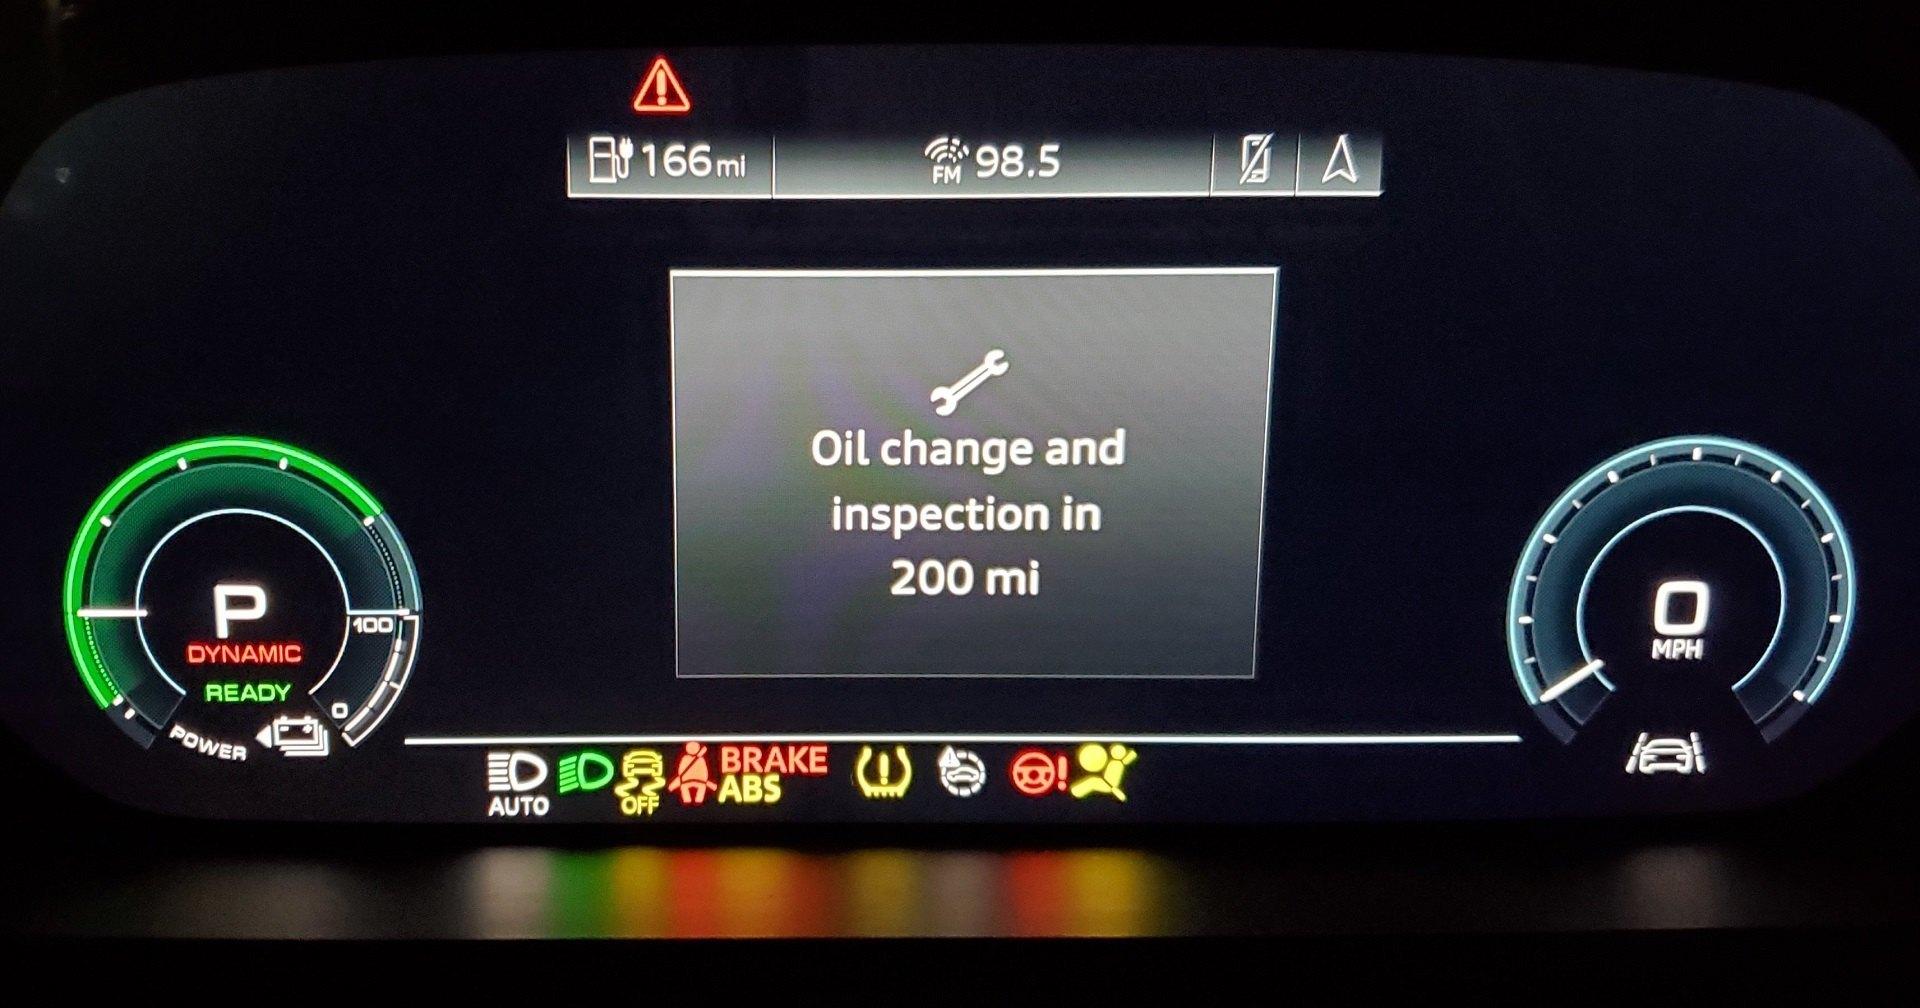 Электромобиль Audi потребовал замены масла